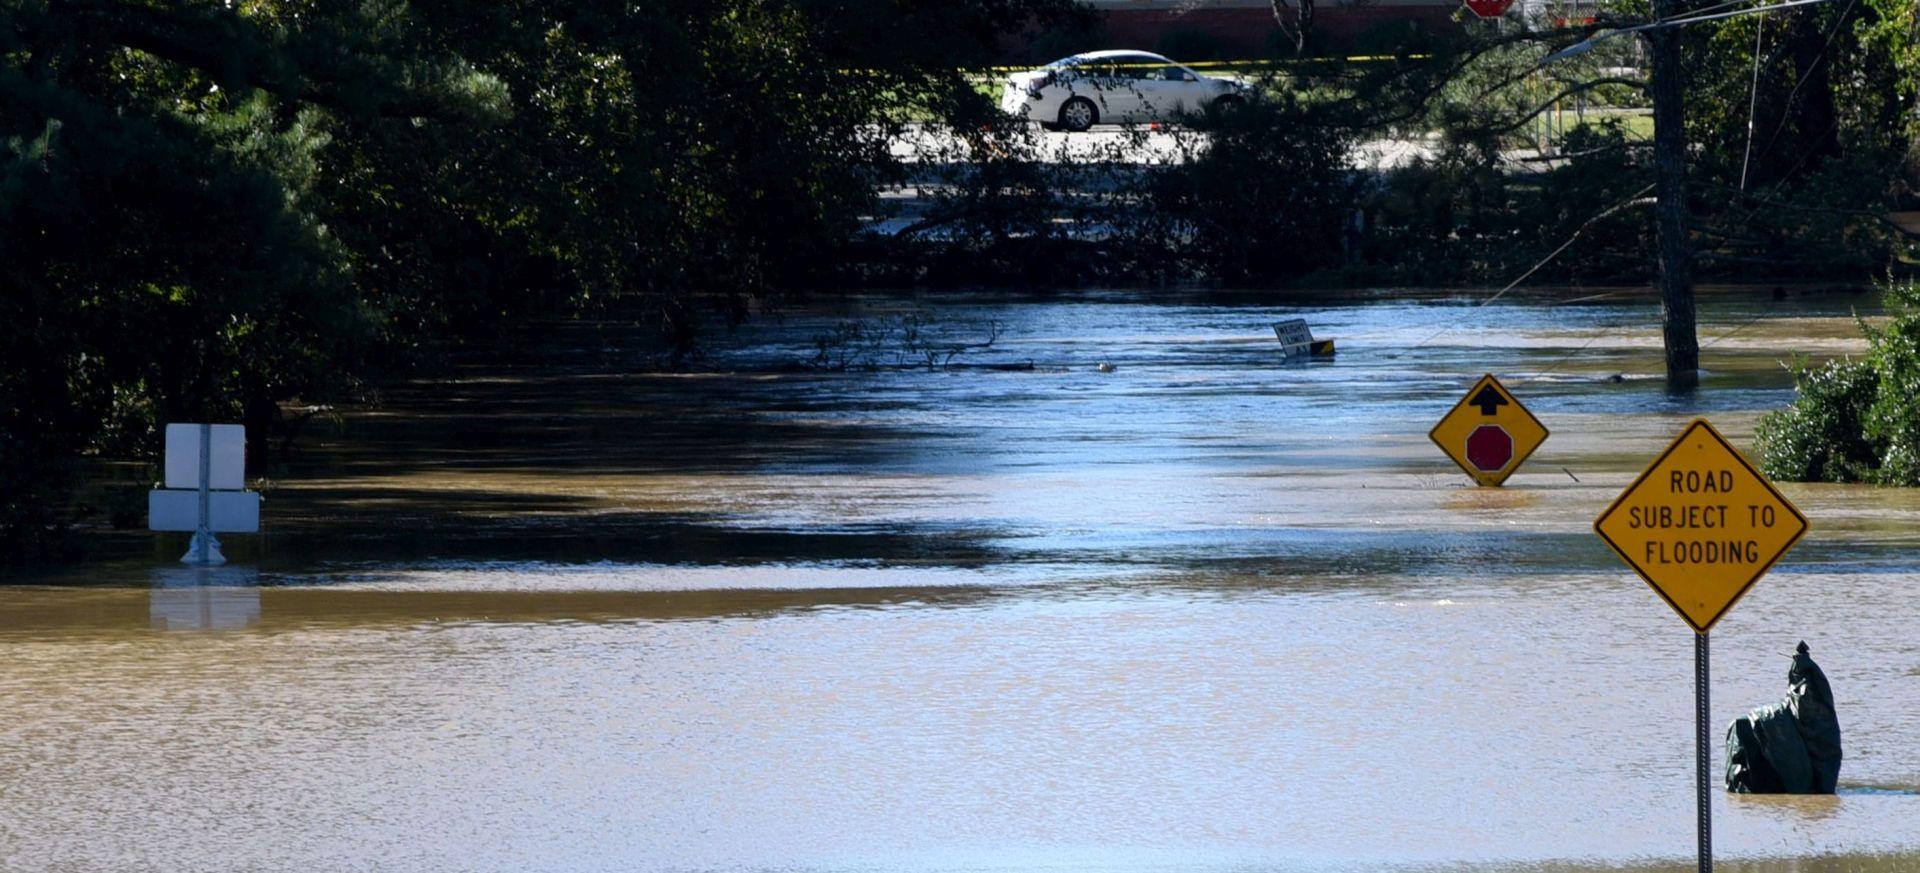 Velike poplave u Sjevernoj Karolini nakon uragana Matthewa